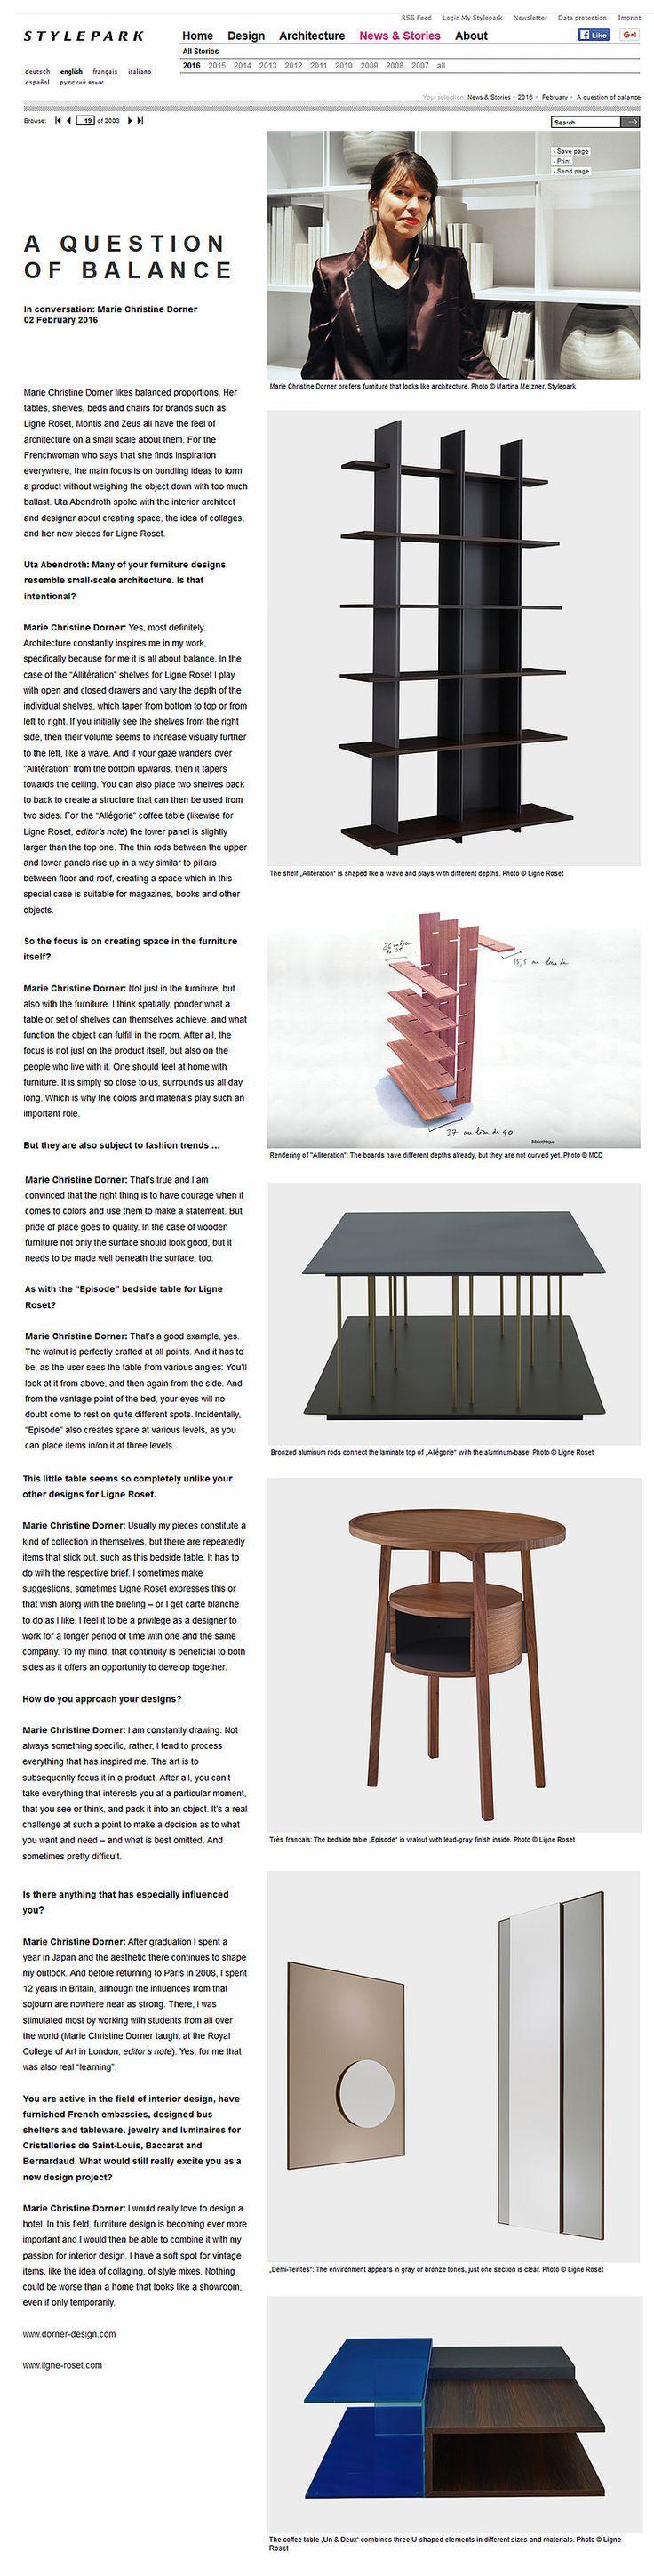 http://www.dorner-design.com/